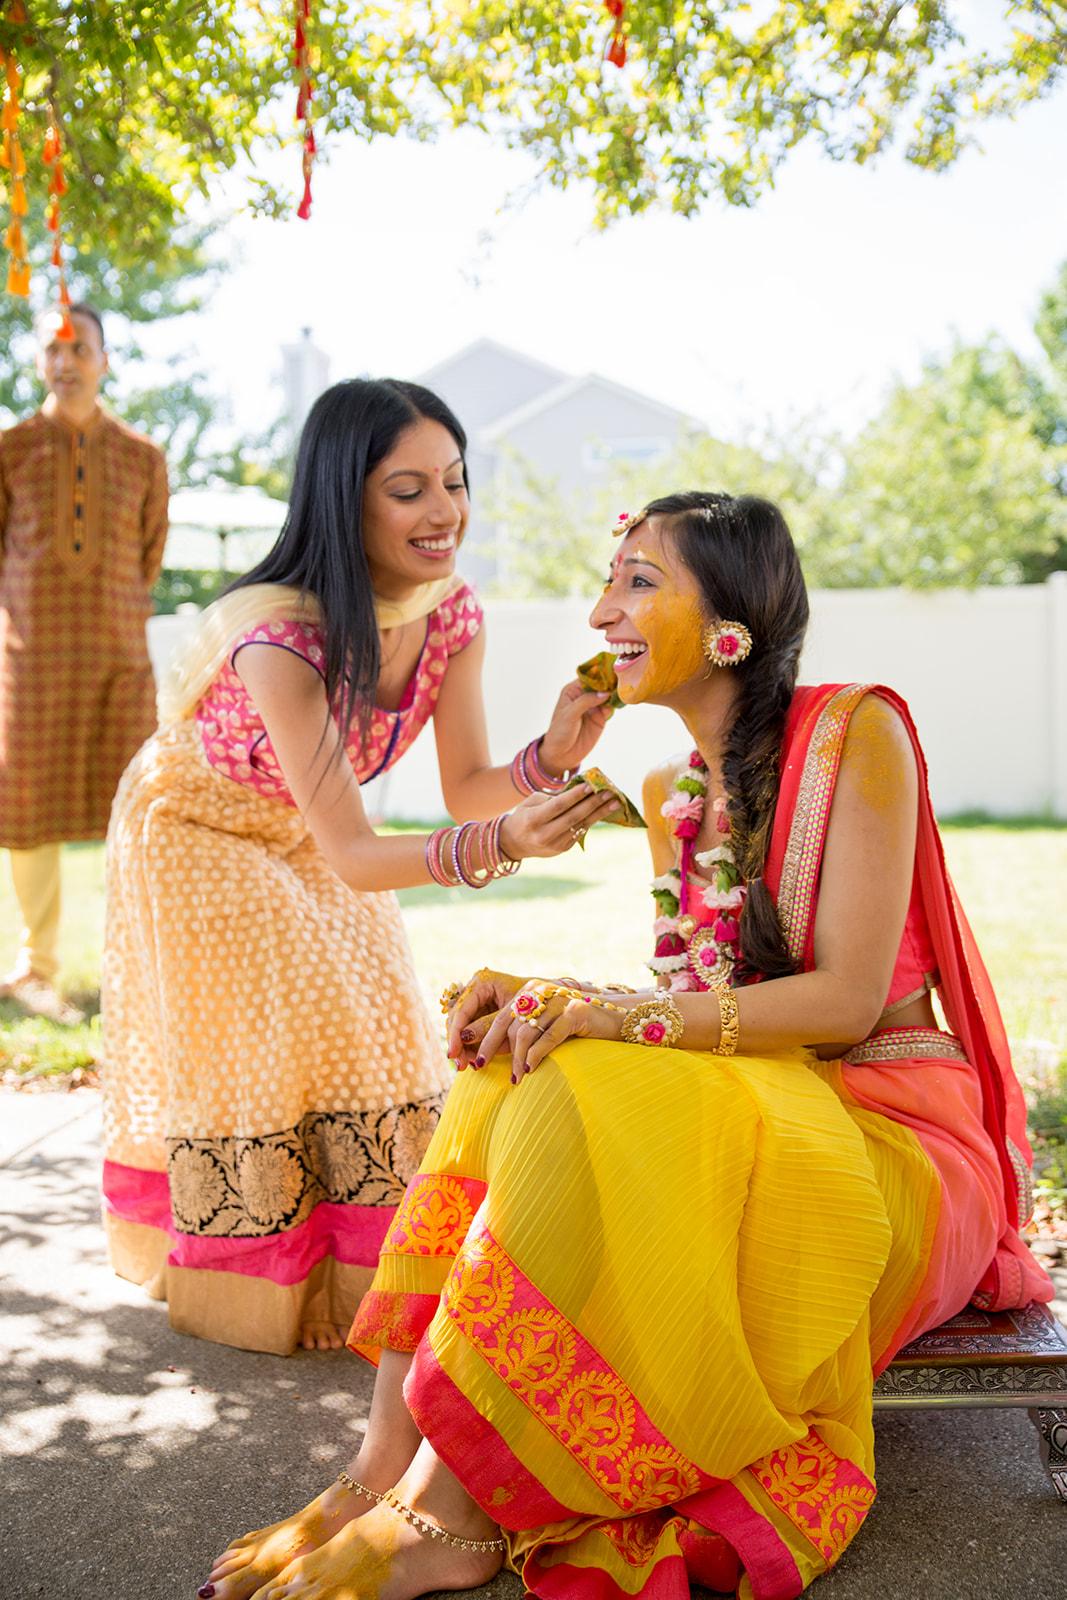 Le Cape Weddings - Puja and Kheelan - Pithi A   -105.jpg